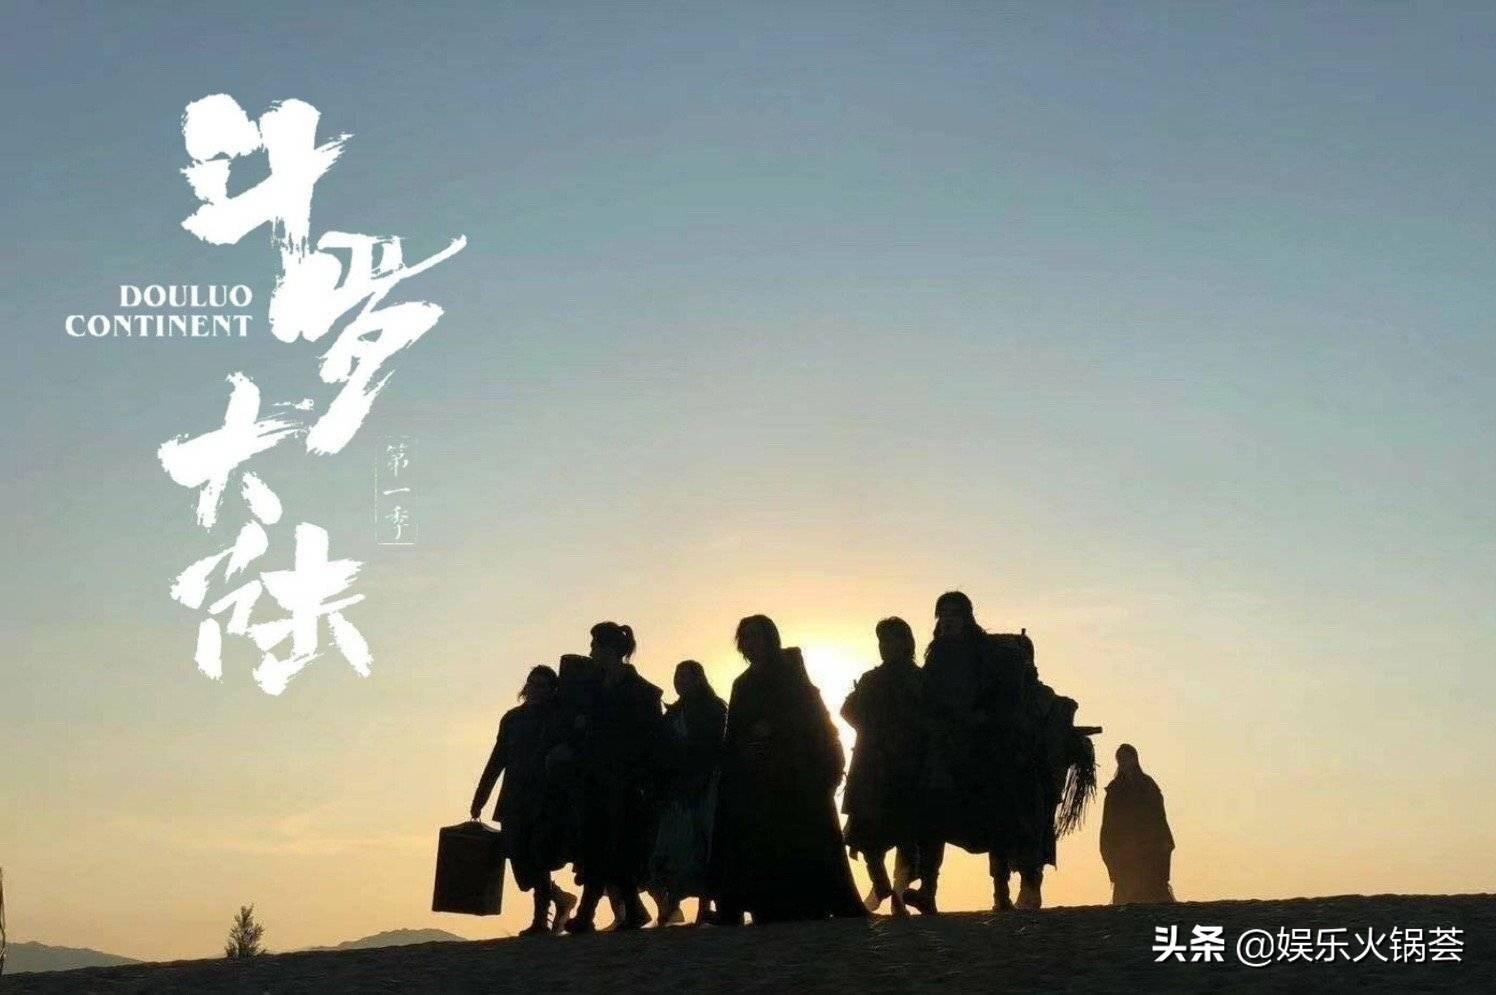 《斗罗大陆》预告来袭,话题讨论破千万,肖战演技是亮点!